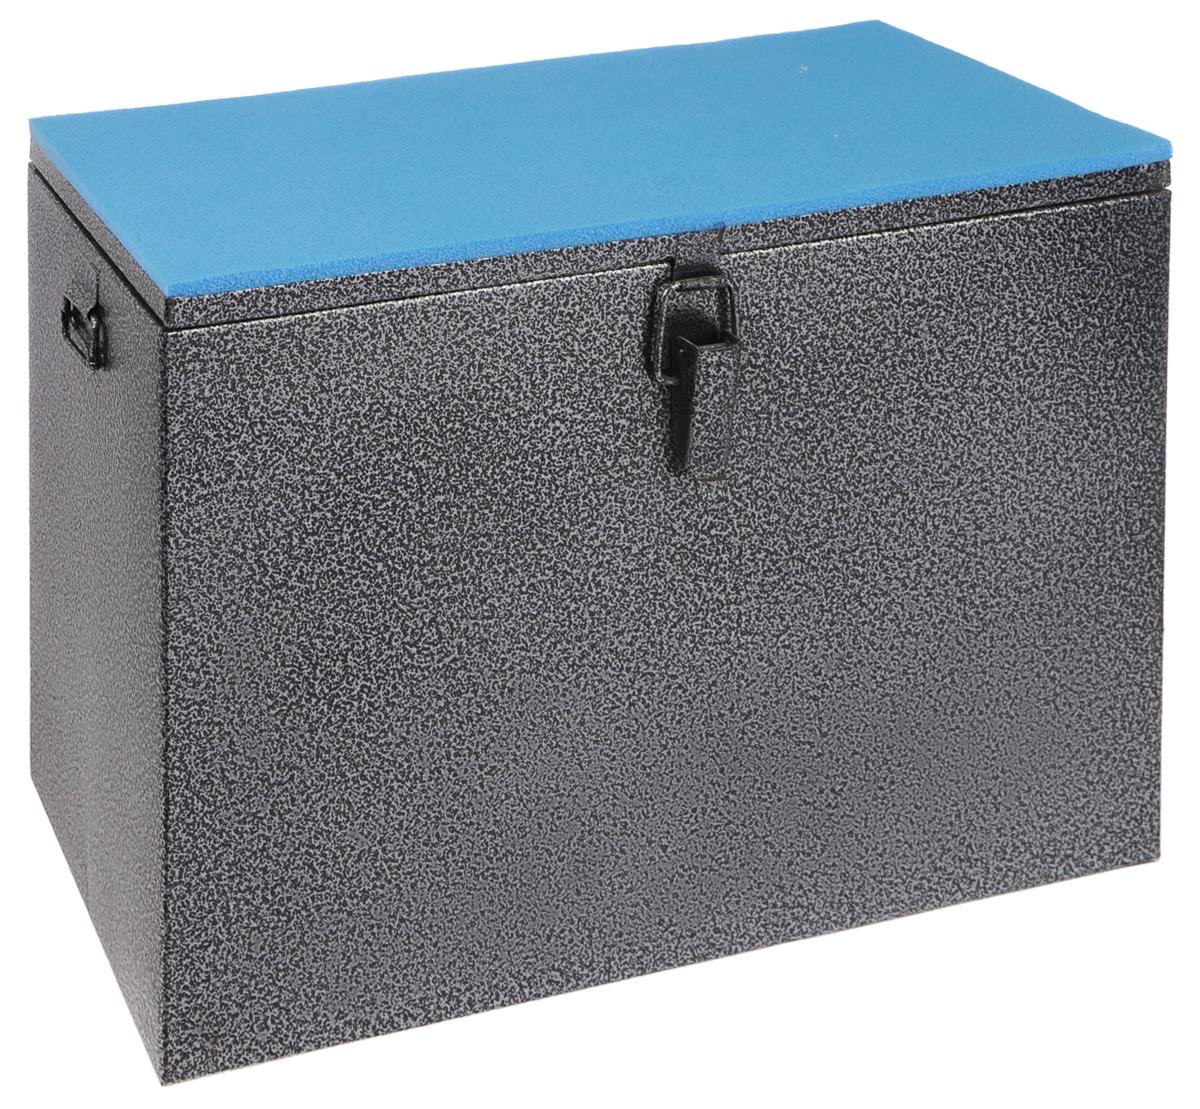 Ящик рыболова Рост, окрашенный, 40 см х 19 см х 29 смBR3777ПРМТПрочный и надежный ящик Рост сможет не один год прослужить любителю зимней рыбалки для транспортировки снастей и улова. Корпус изготовлен из листовой окрашенной стали. Служащая сиденьем верхняя часть крышки оклеена плотным теплоизолятором - пенополиэтиленом с рифленой поверхностью. Внутренний объем ящика разделен перегородкой, придающей конструкции дополнительную жесткость. Боковые стенки емкости снабжены петлями для крепления идущего в комплекте плечевого ремня.